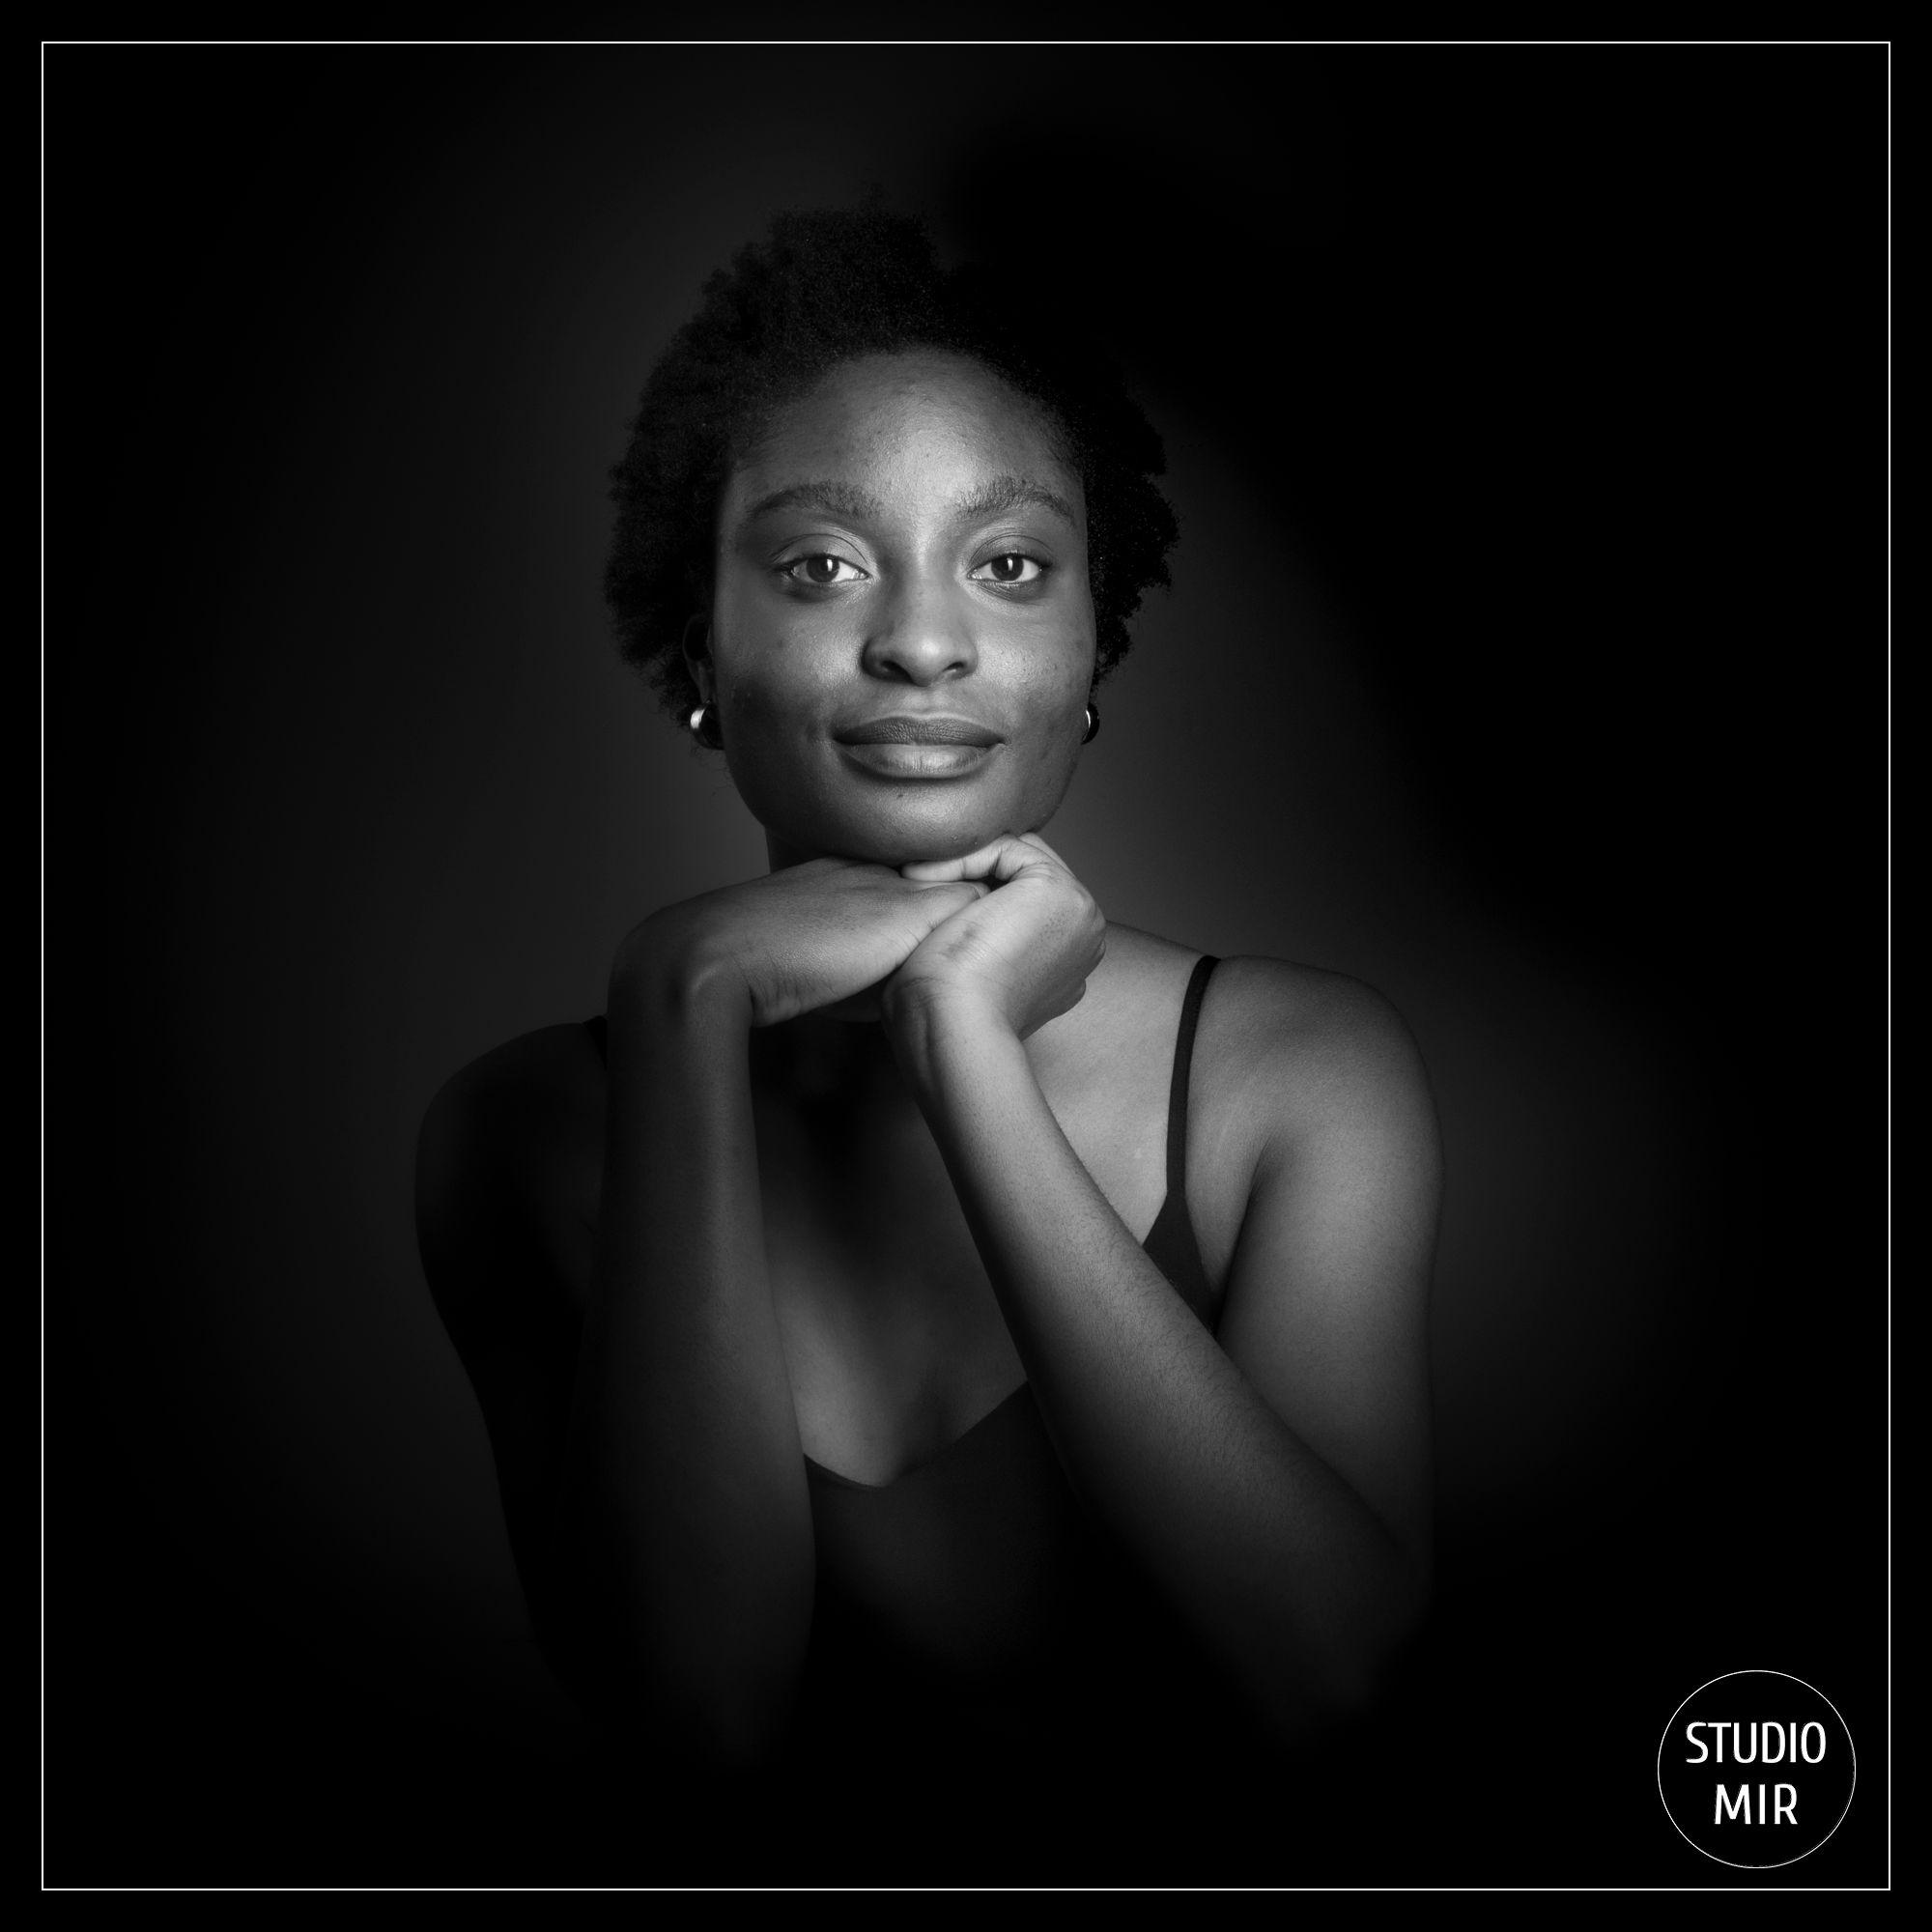 Photographe pour faire un book photo modèle en région parisienne